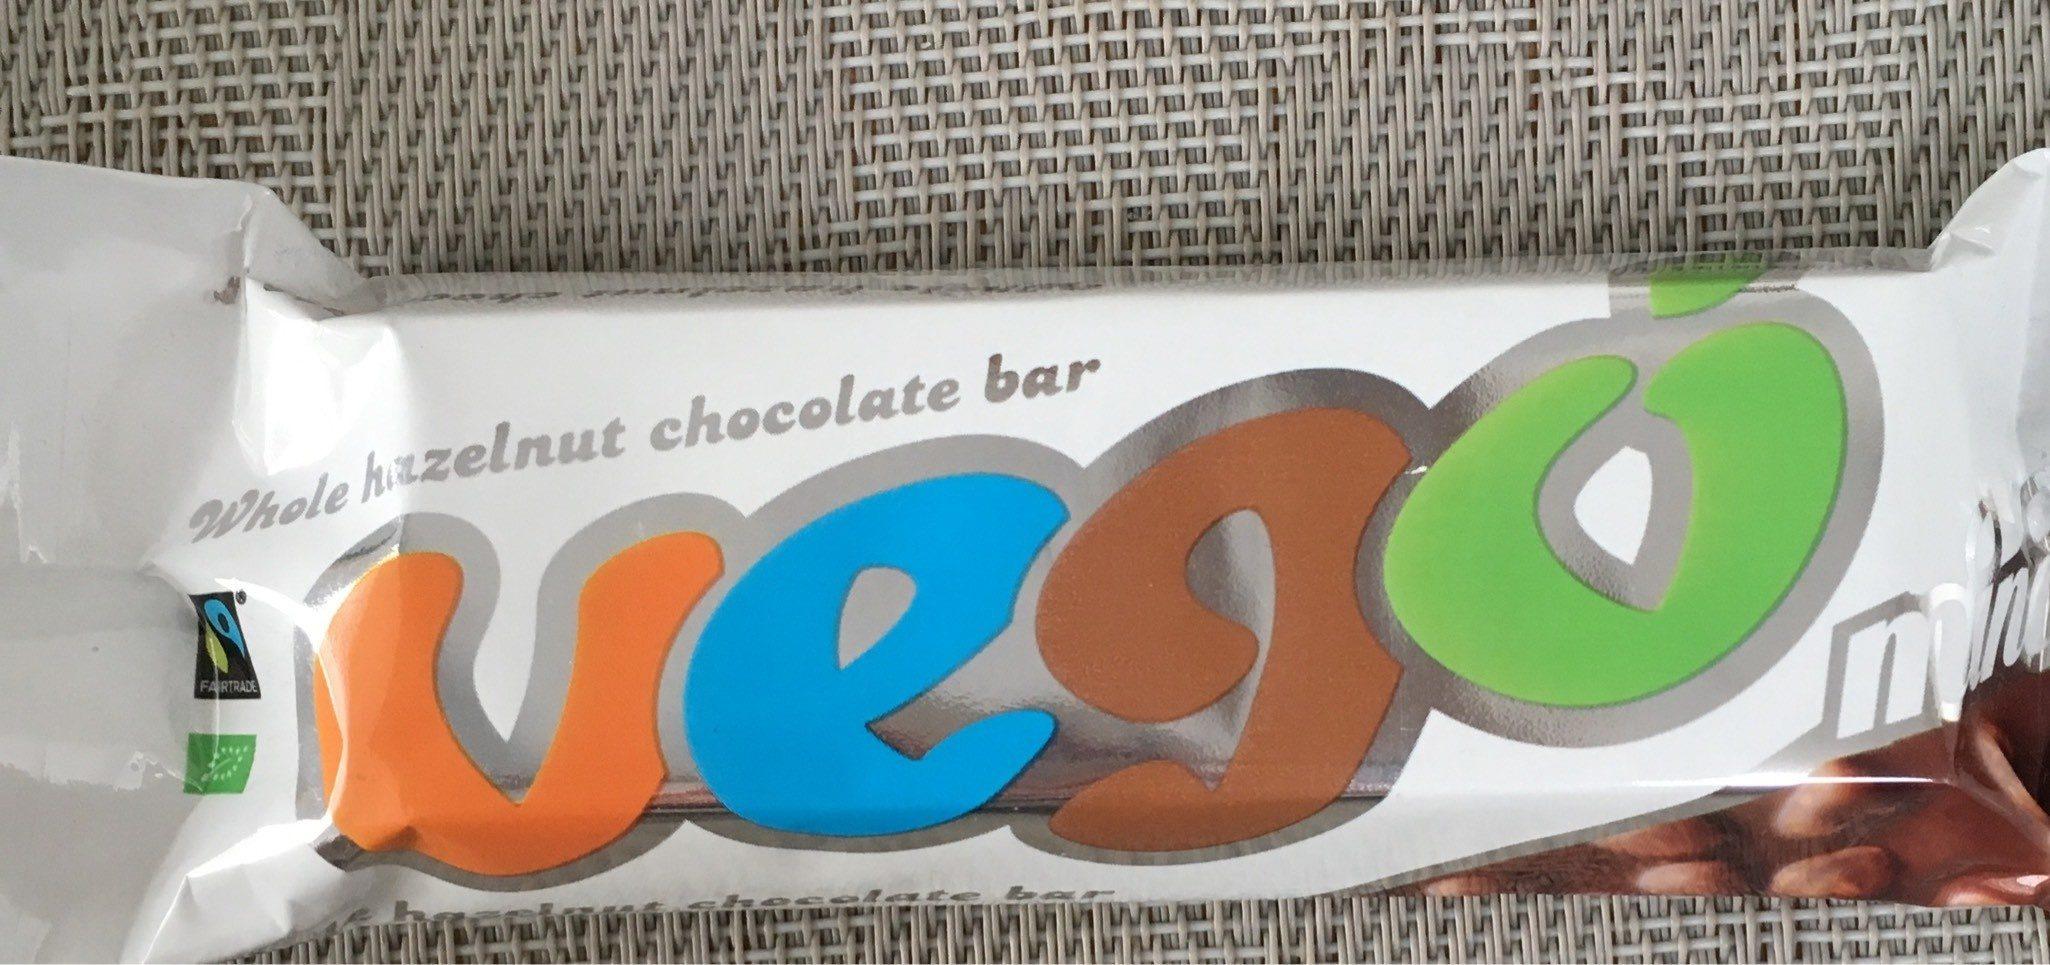 Whole Hazelnut Chocolate Bar - Product - en